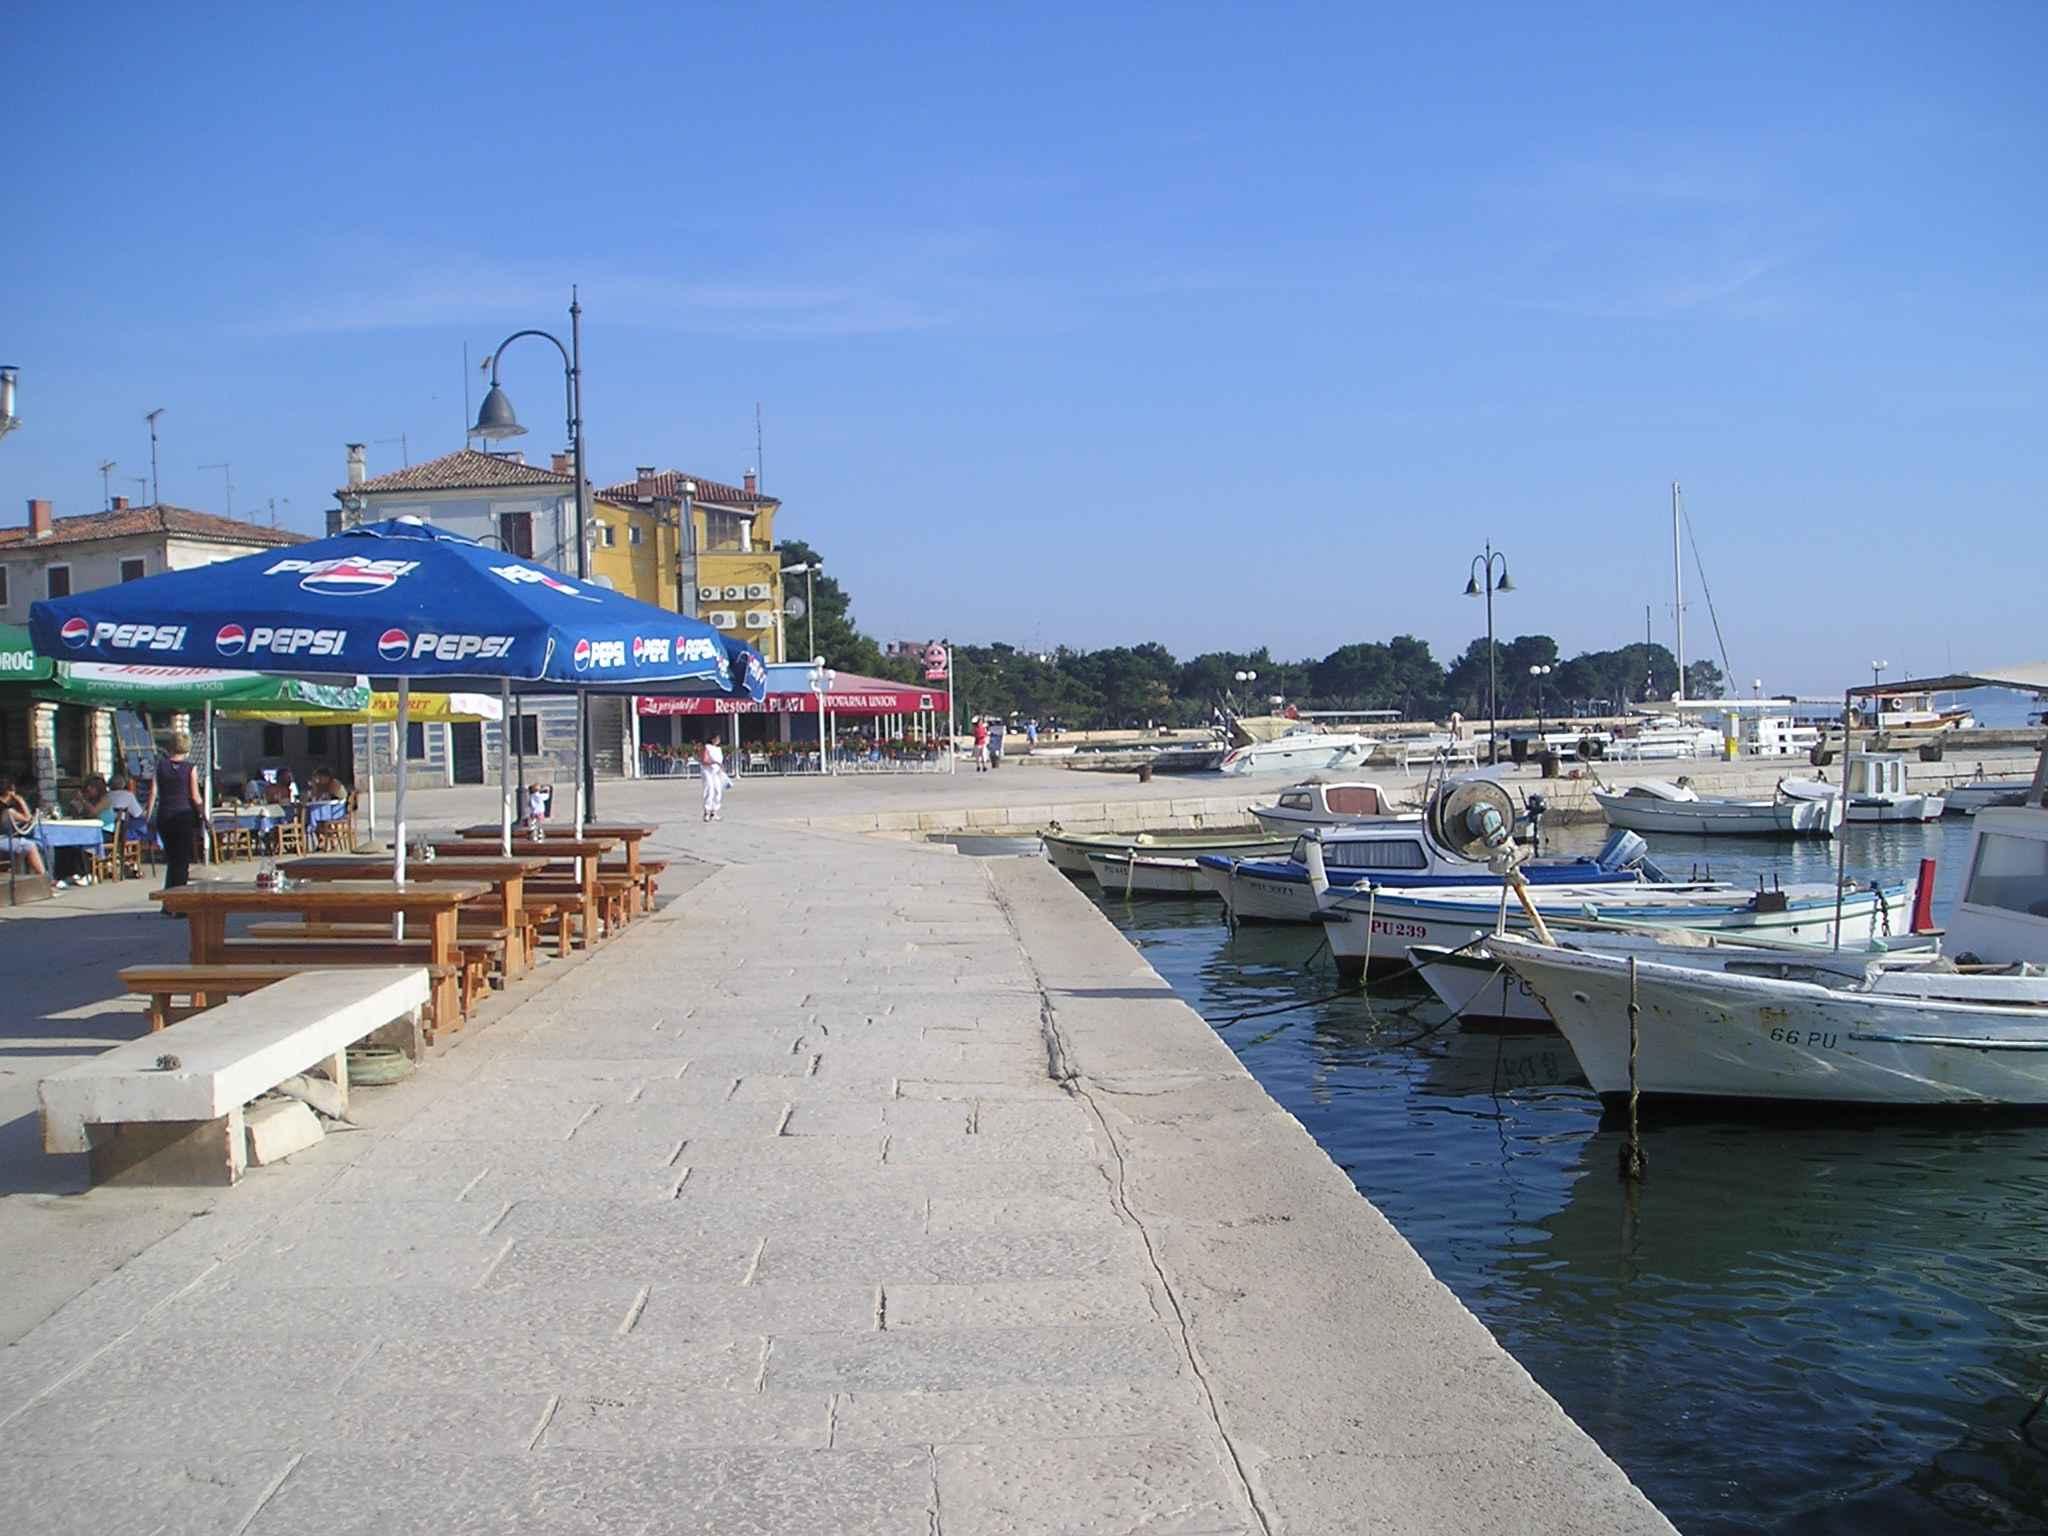 Ferienwohnung in ruhiger Lage mit Blick auf den Brioni Nationalpark (279773), Fažana, , Istrien, Kroatien, Bild 10